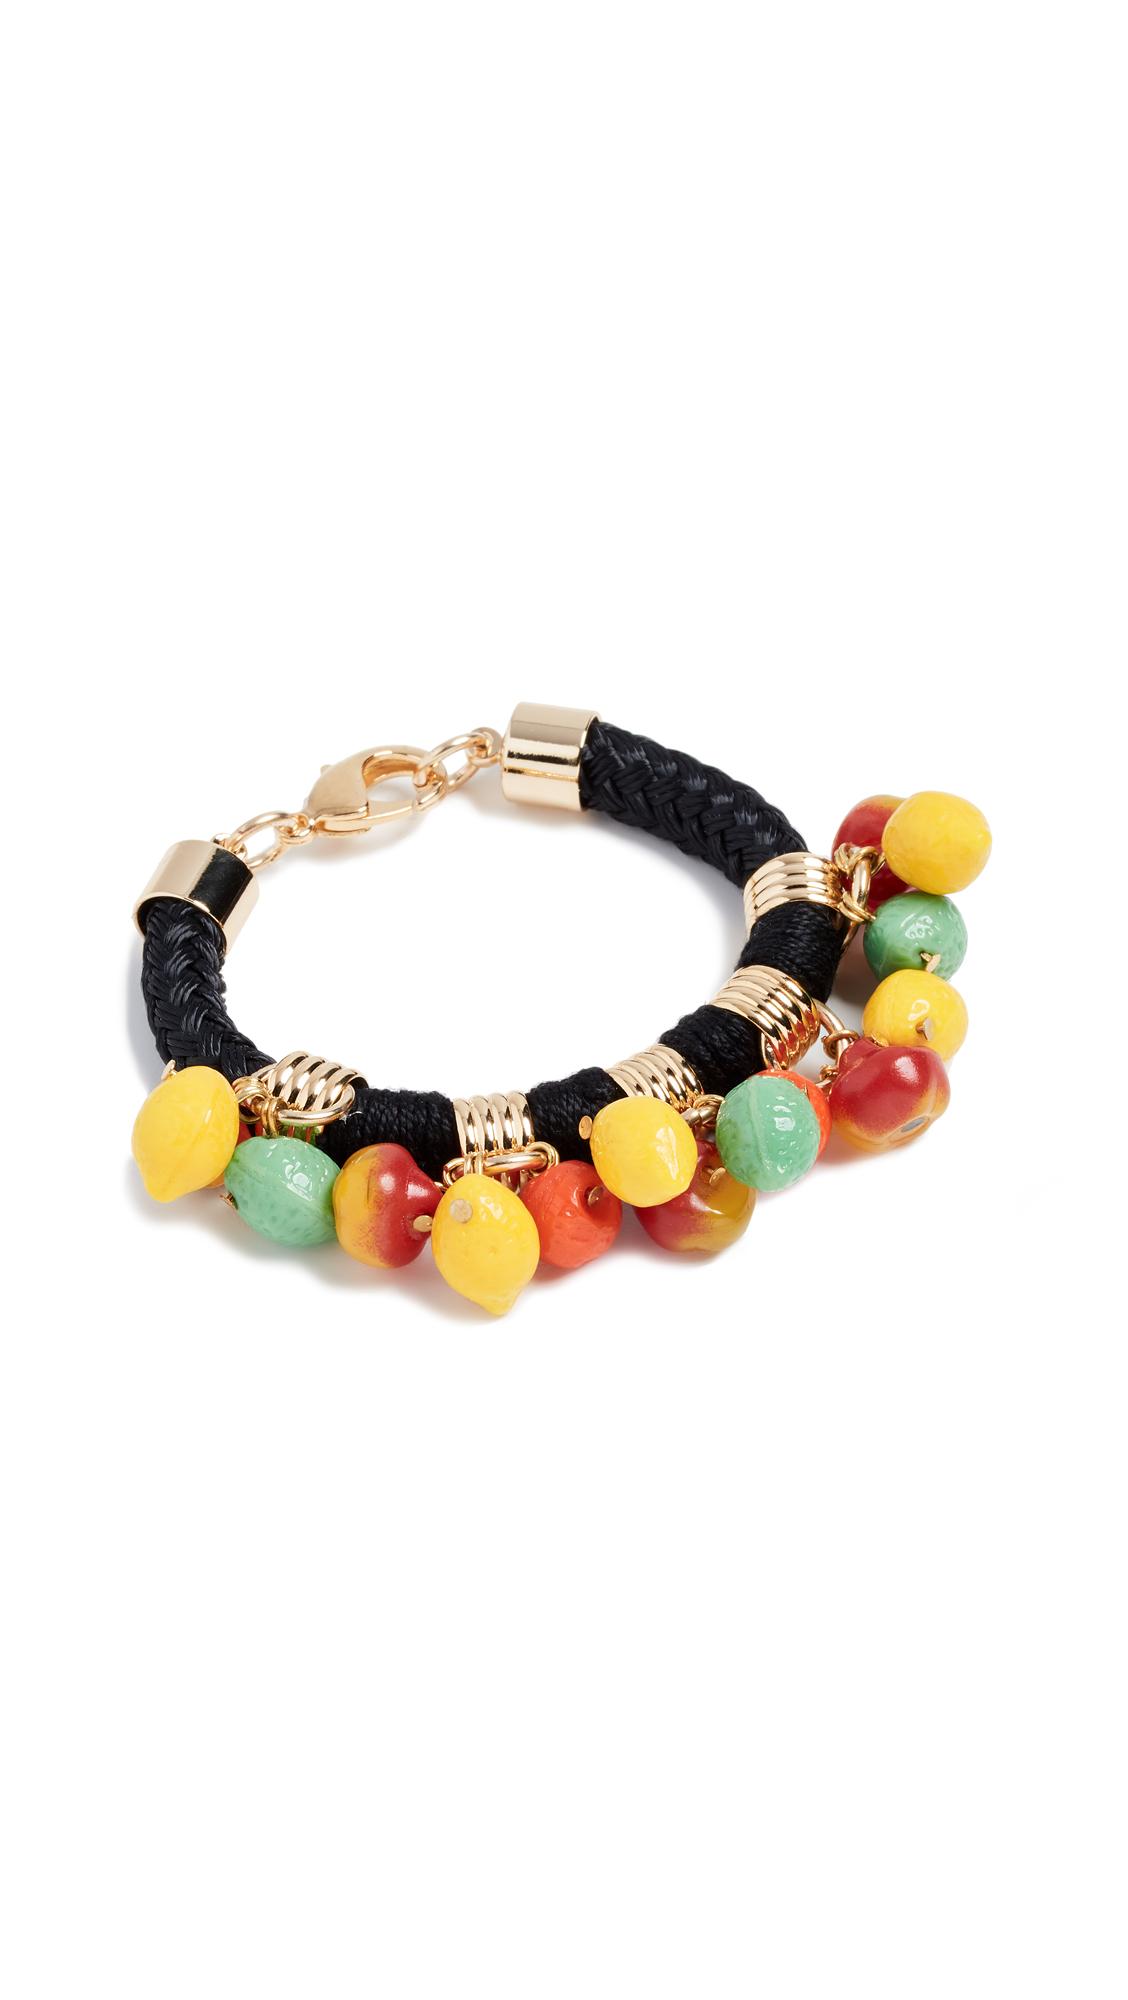 Holst + Lee Fruit Charm Bracelet In Black/Multi